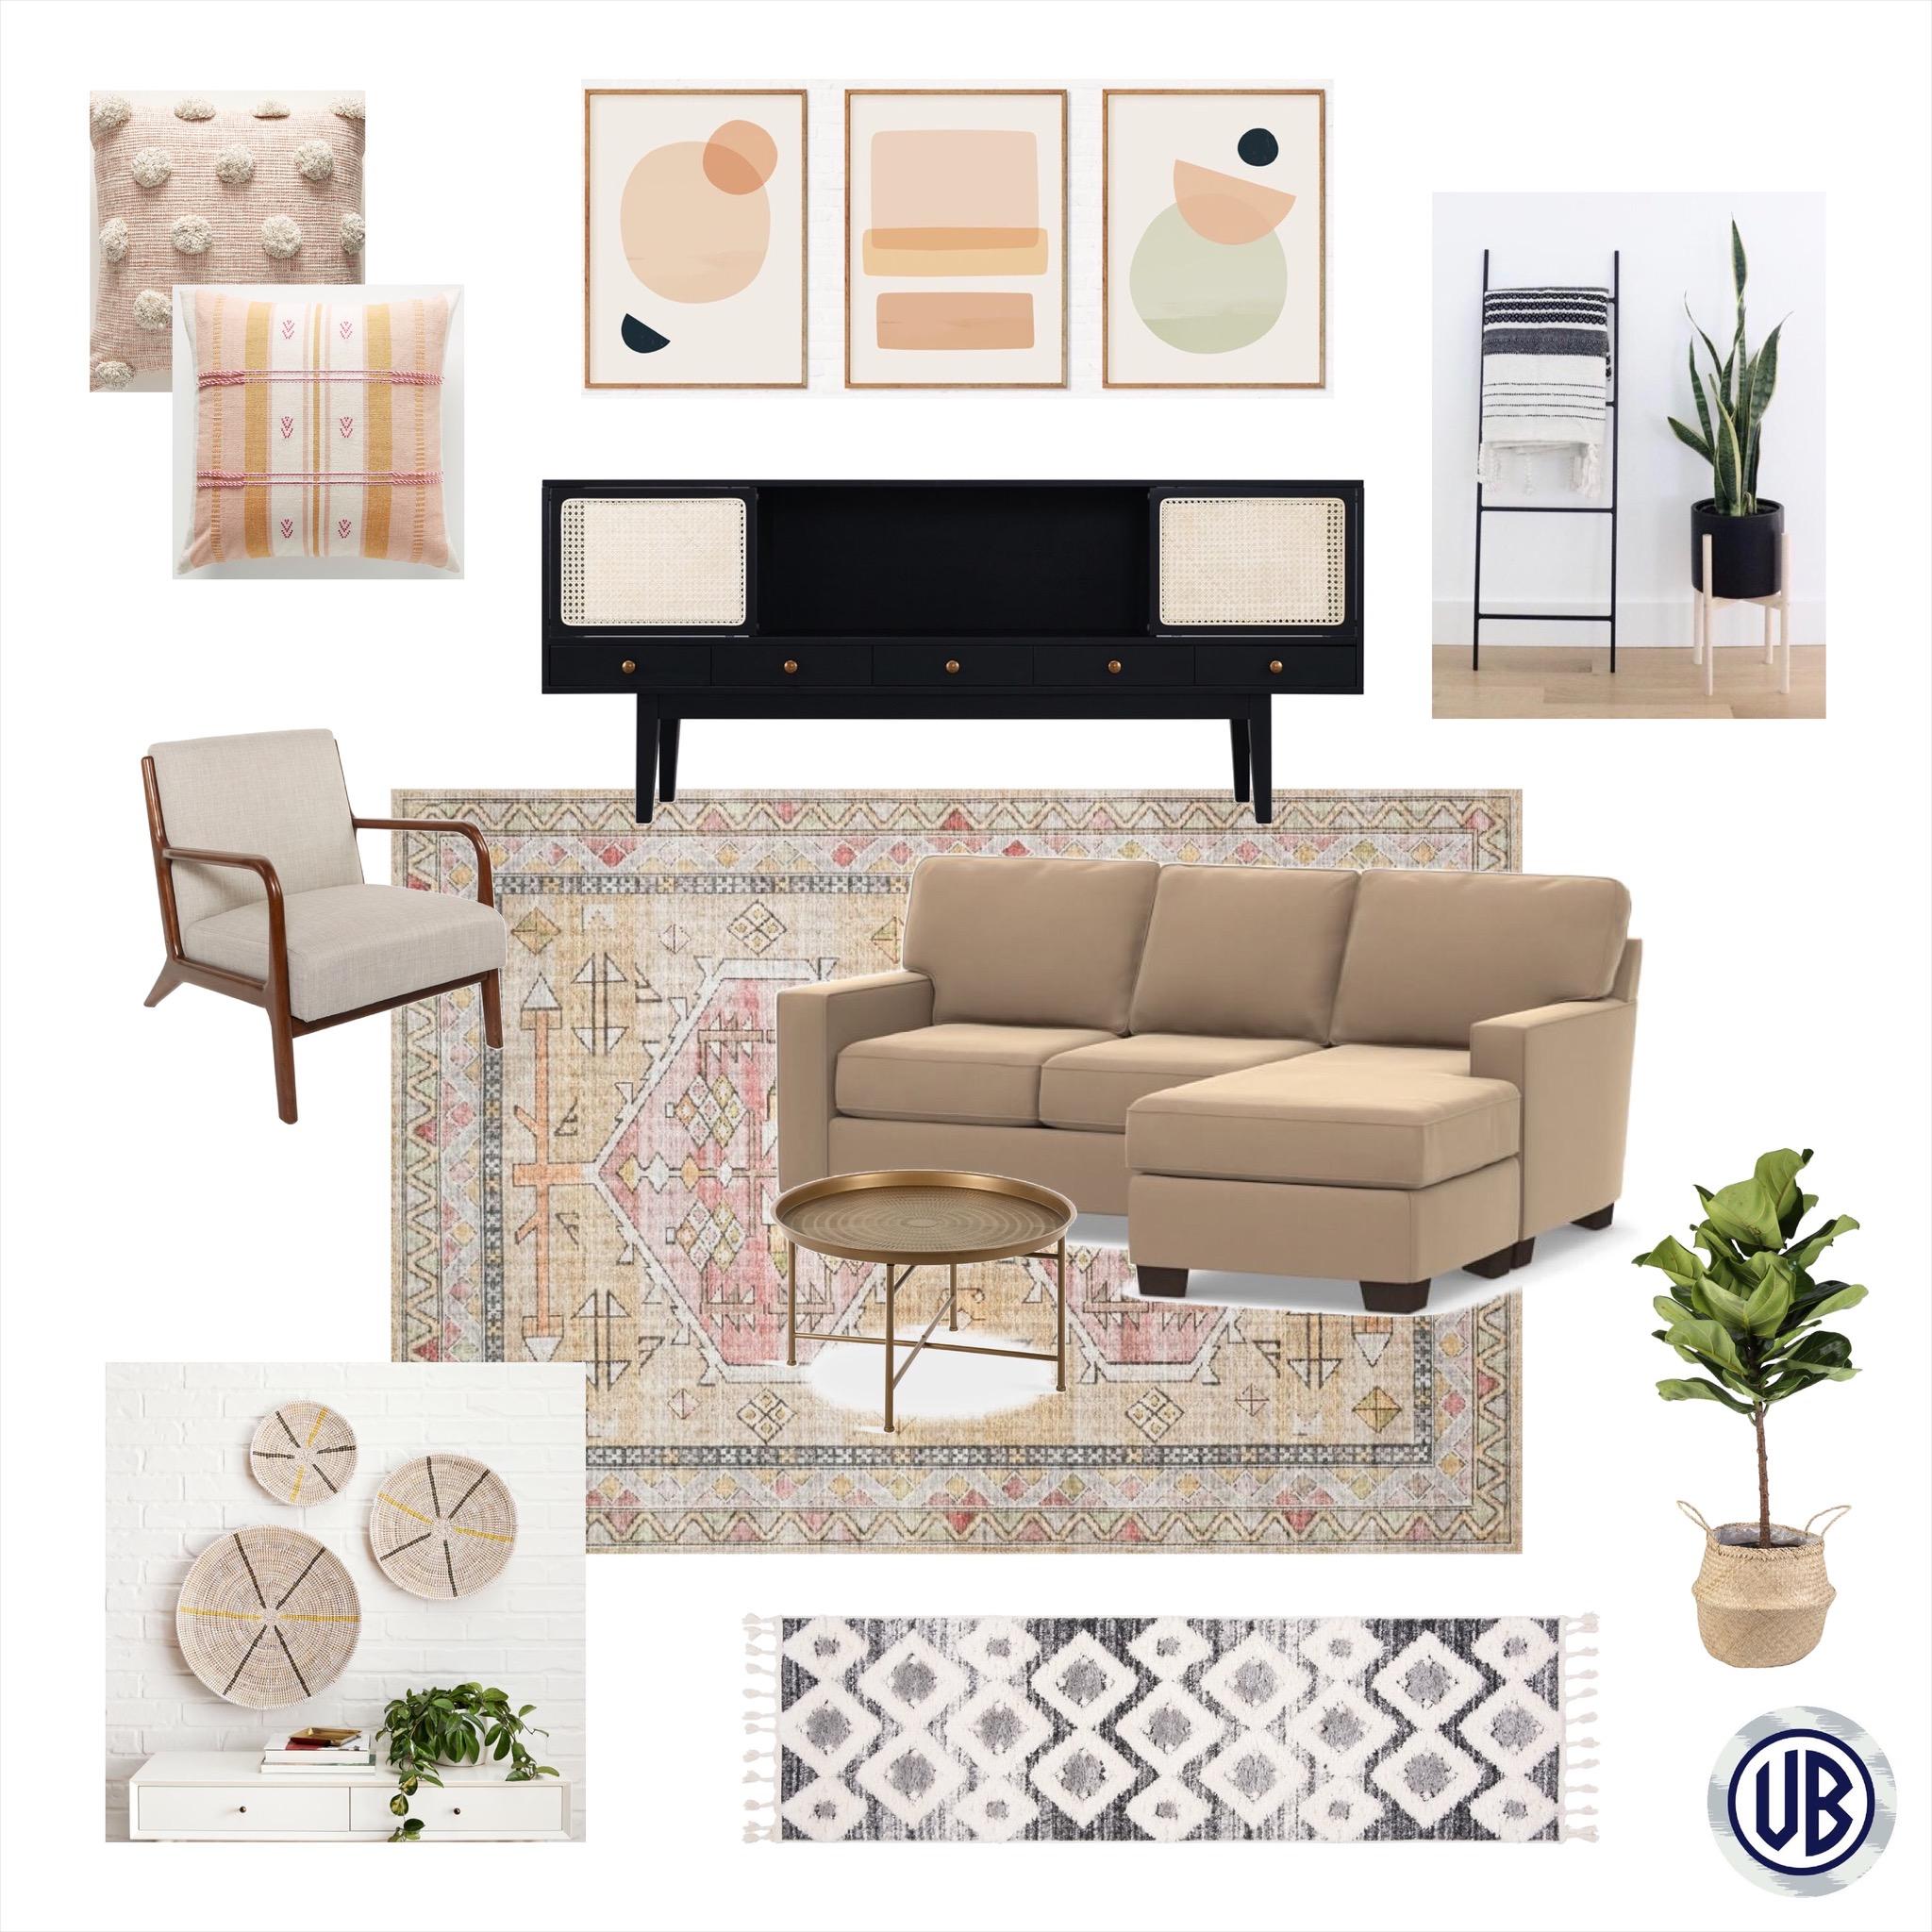 Modern Bohemian Living Room E Design Veronica Bradley Interiors